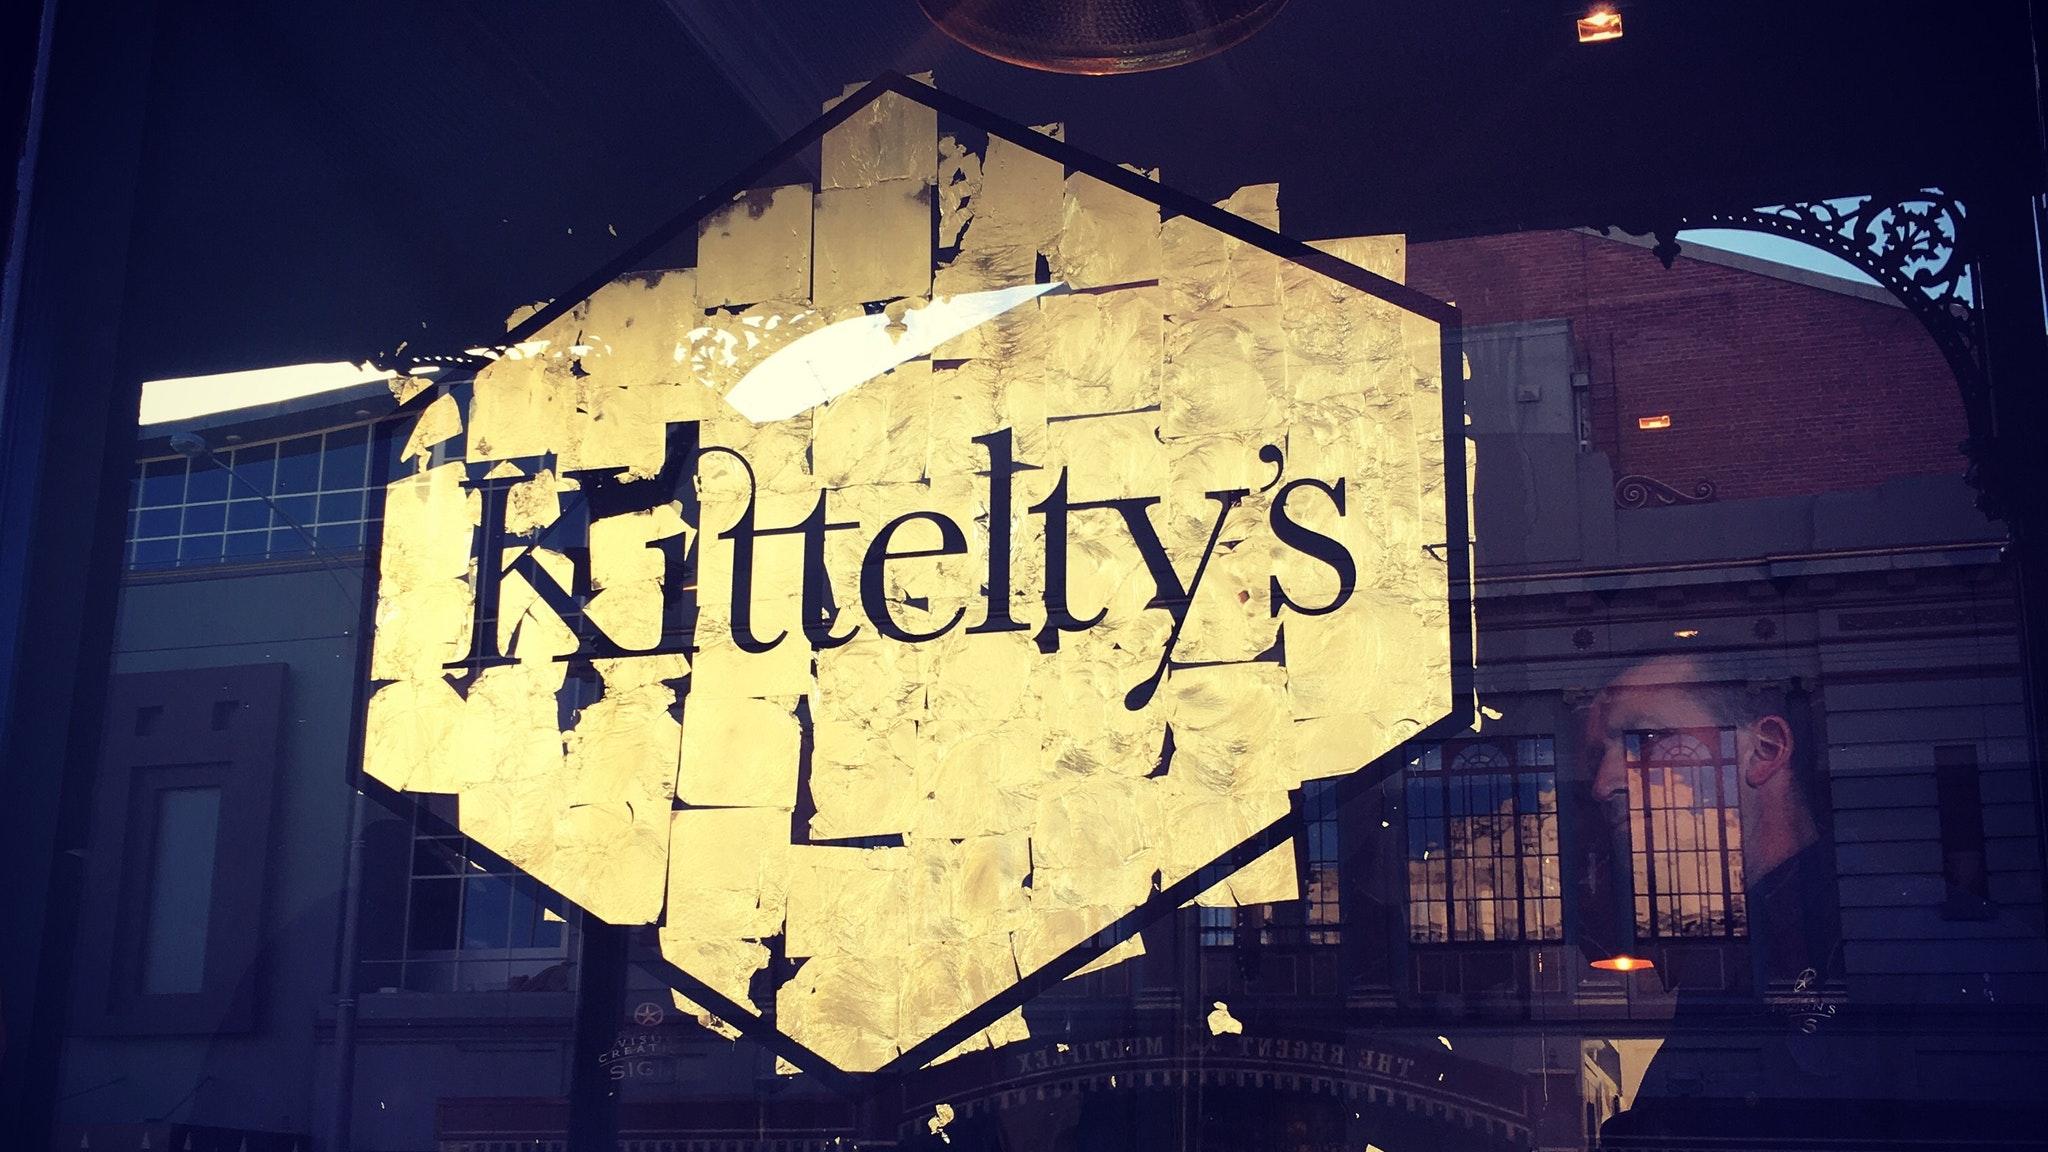 Kittelty's